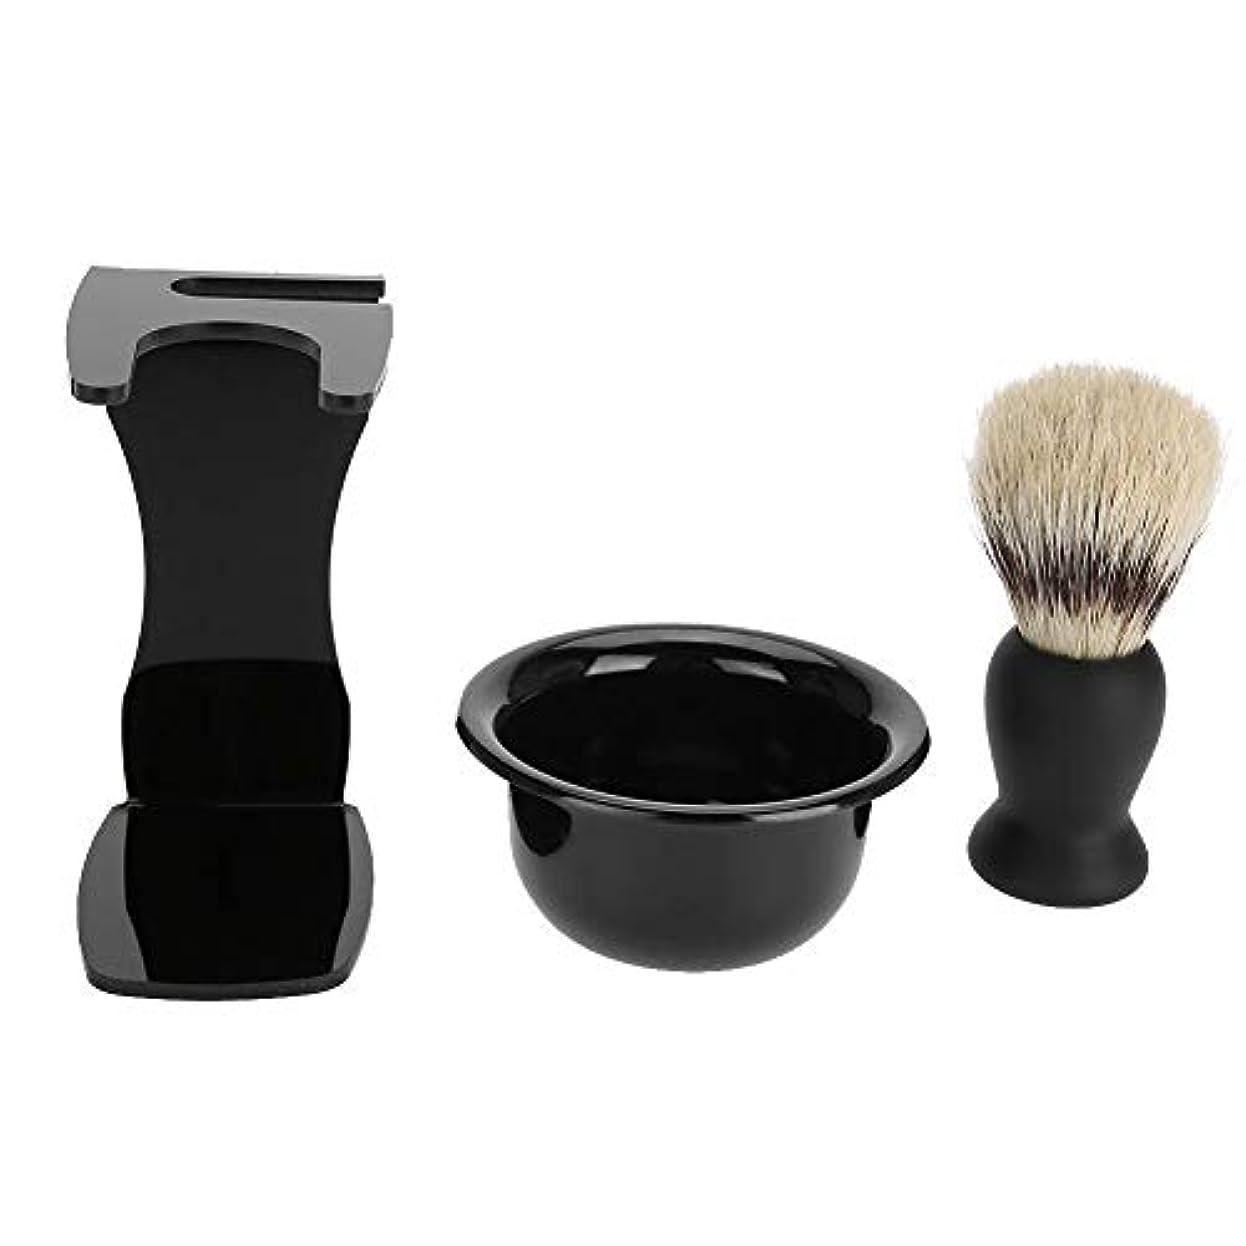 事前終わらせる典型的な3に1メンズシェービングセットブラシスタンドソープボウル髭剃りホルダーアクリルクリーニングツール